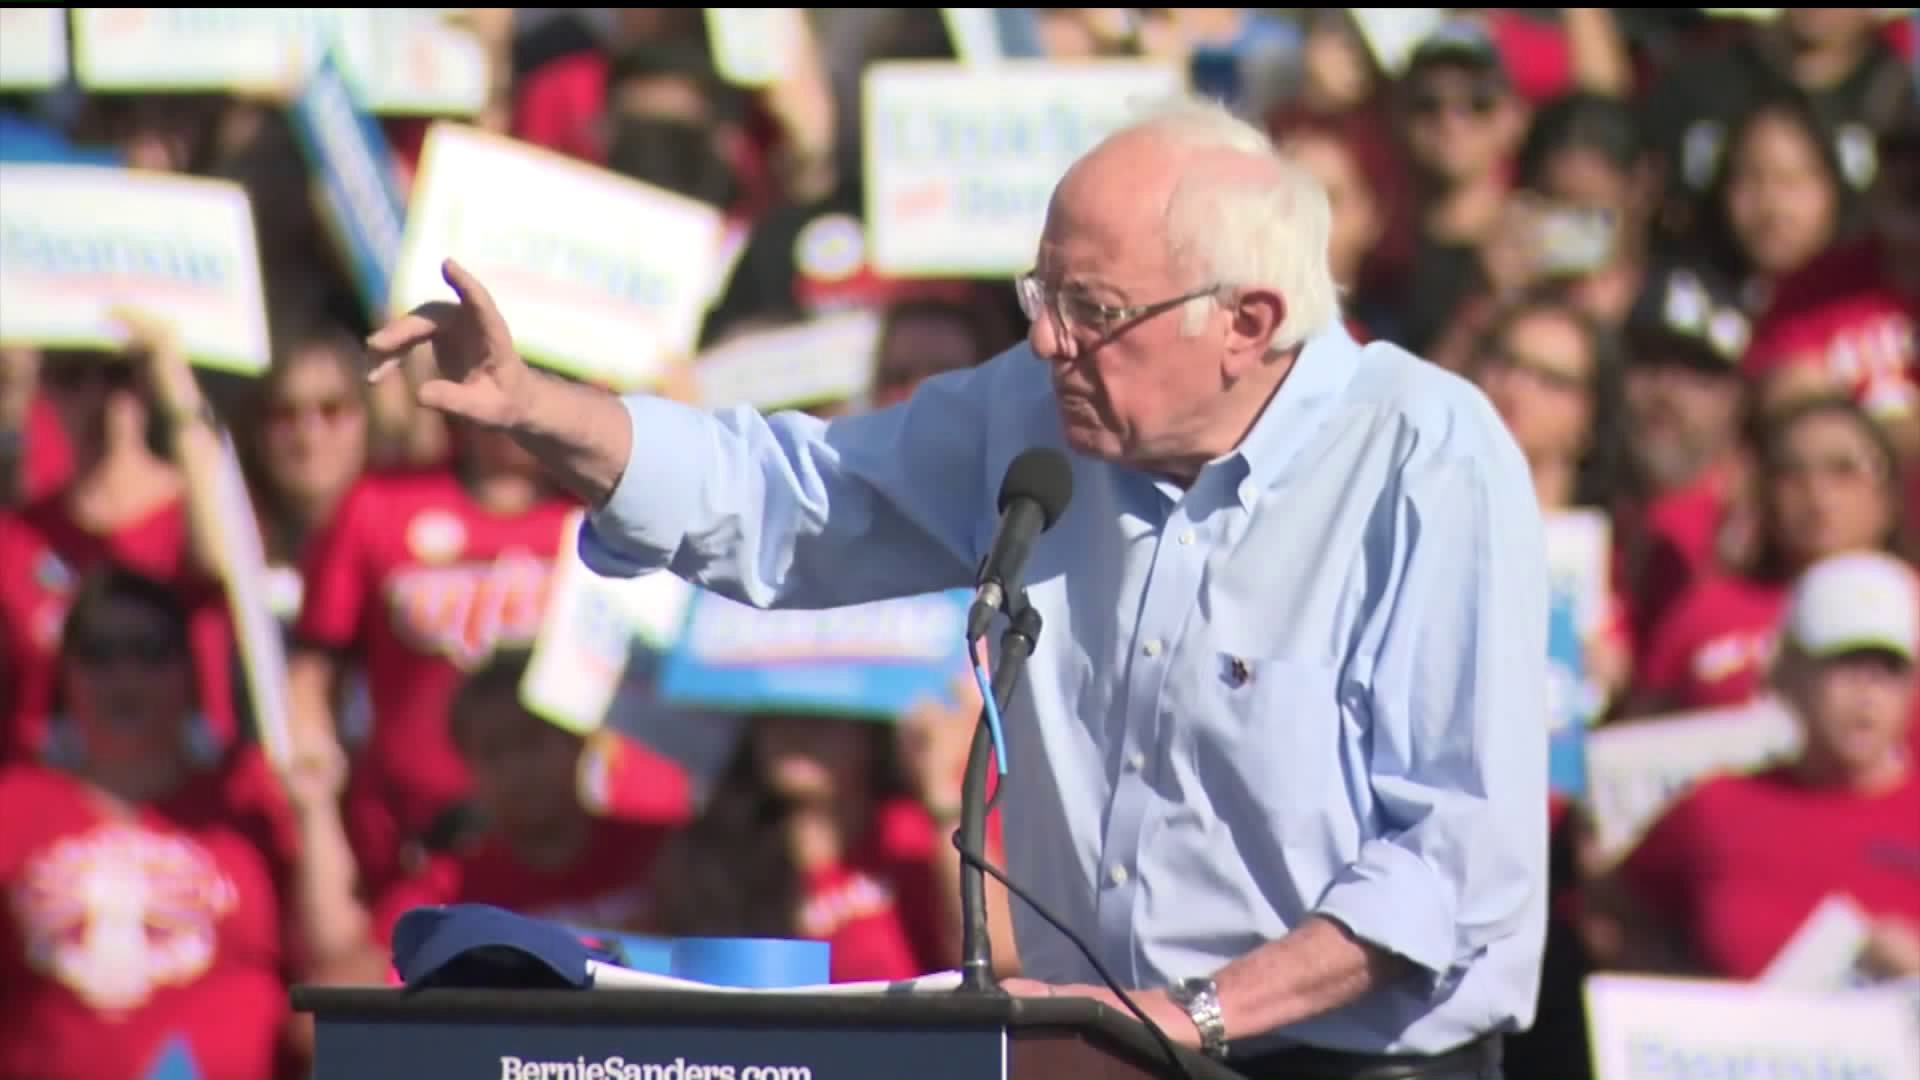 Senator Bernie Sanders speaks at a rally in El Sereno on Nov. 16, 2019. (Credit: KTLA)